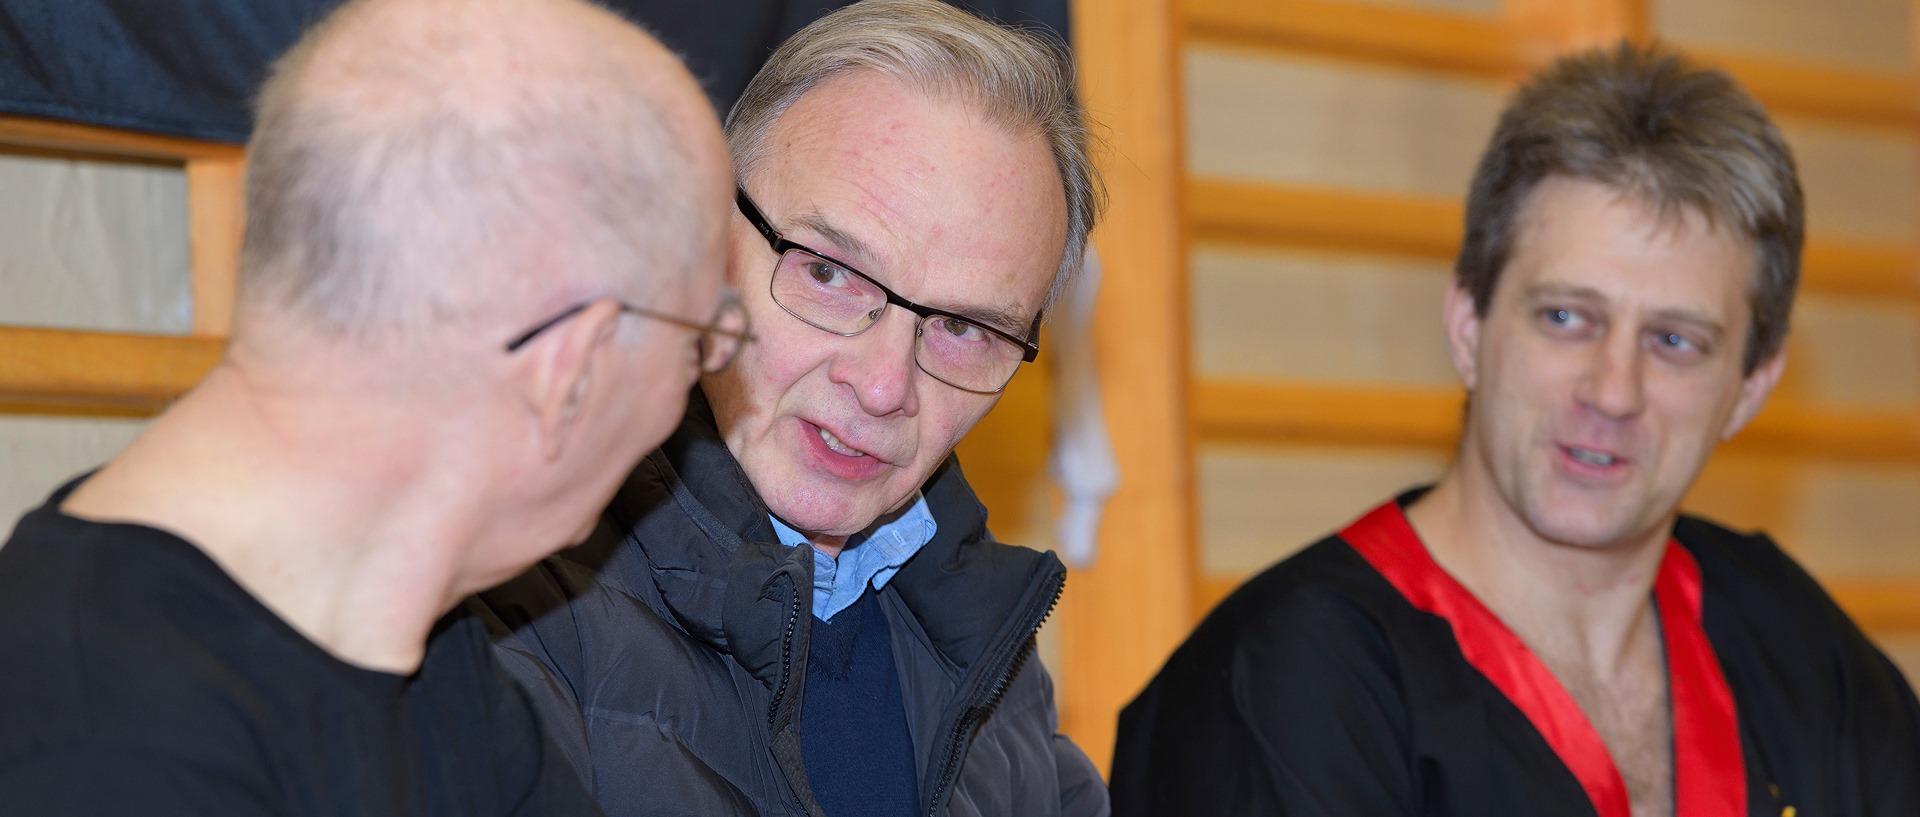 Artur Rychta - Warszawa 23.01.2020 - 5